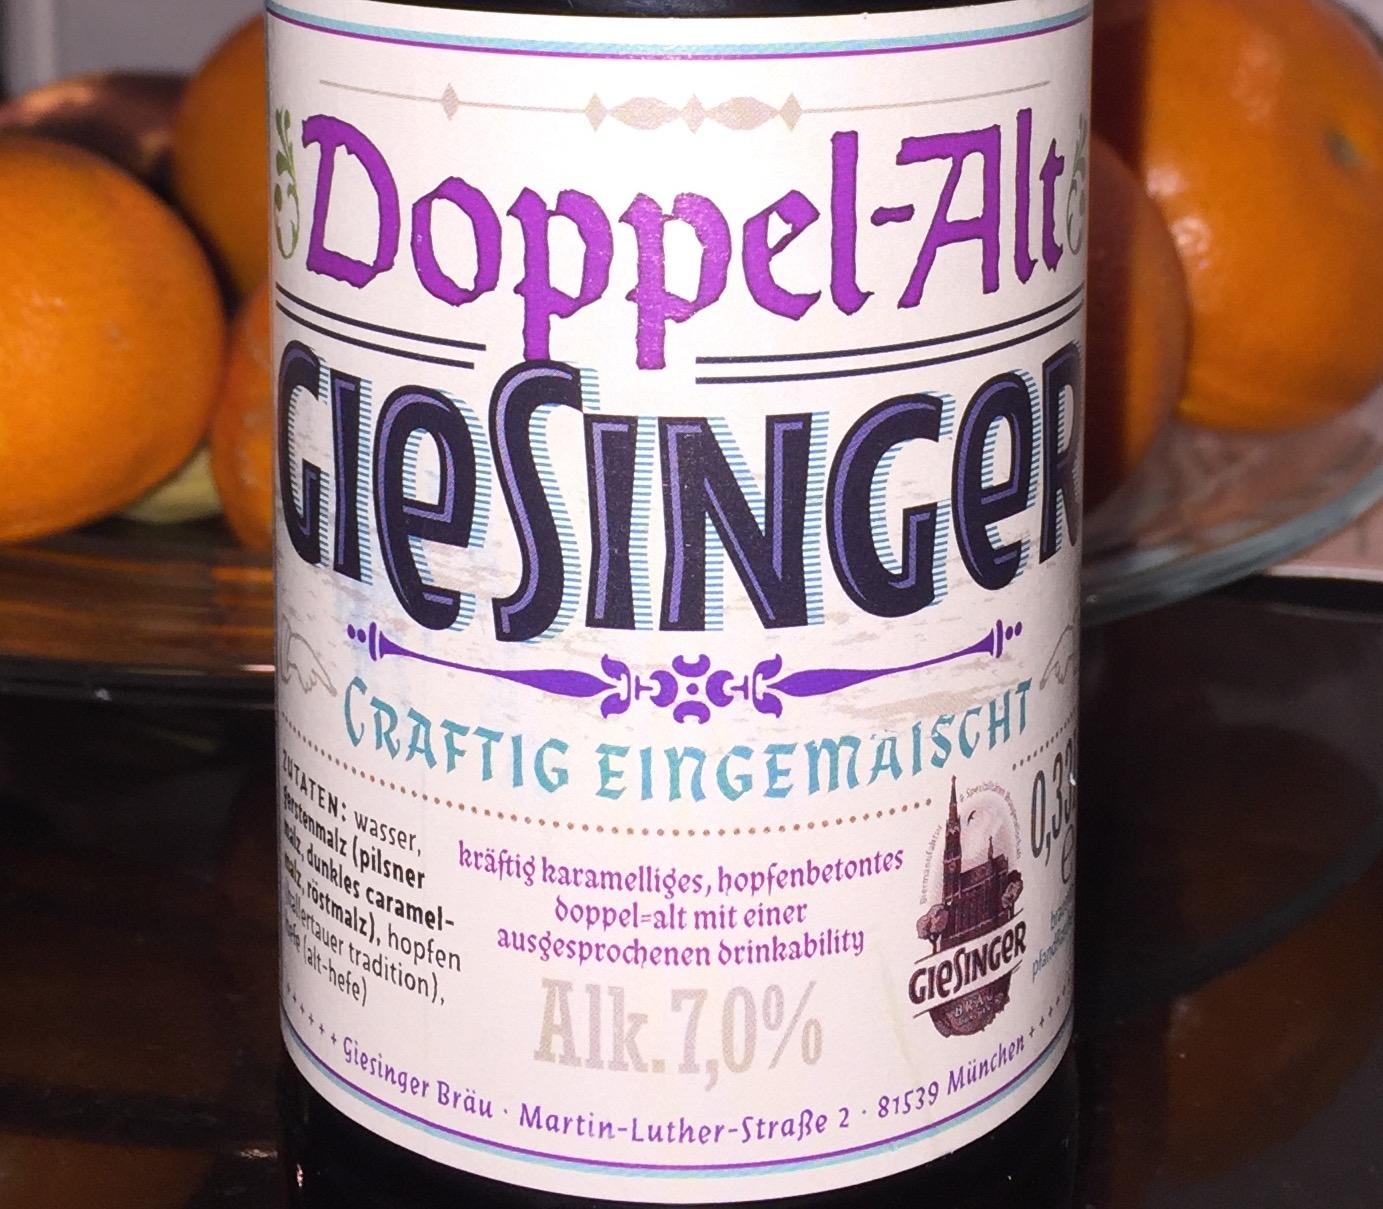 Giesinger - Doppel Alt